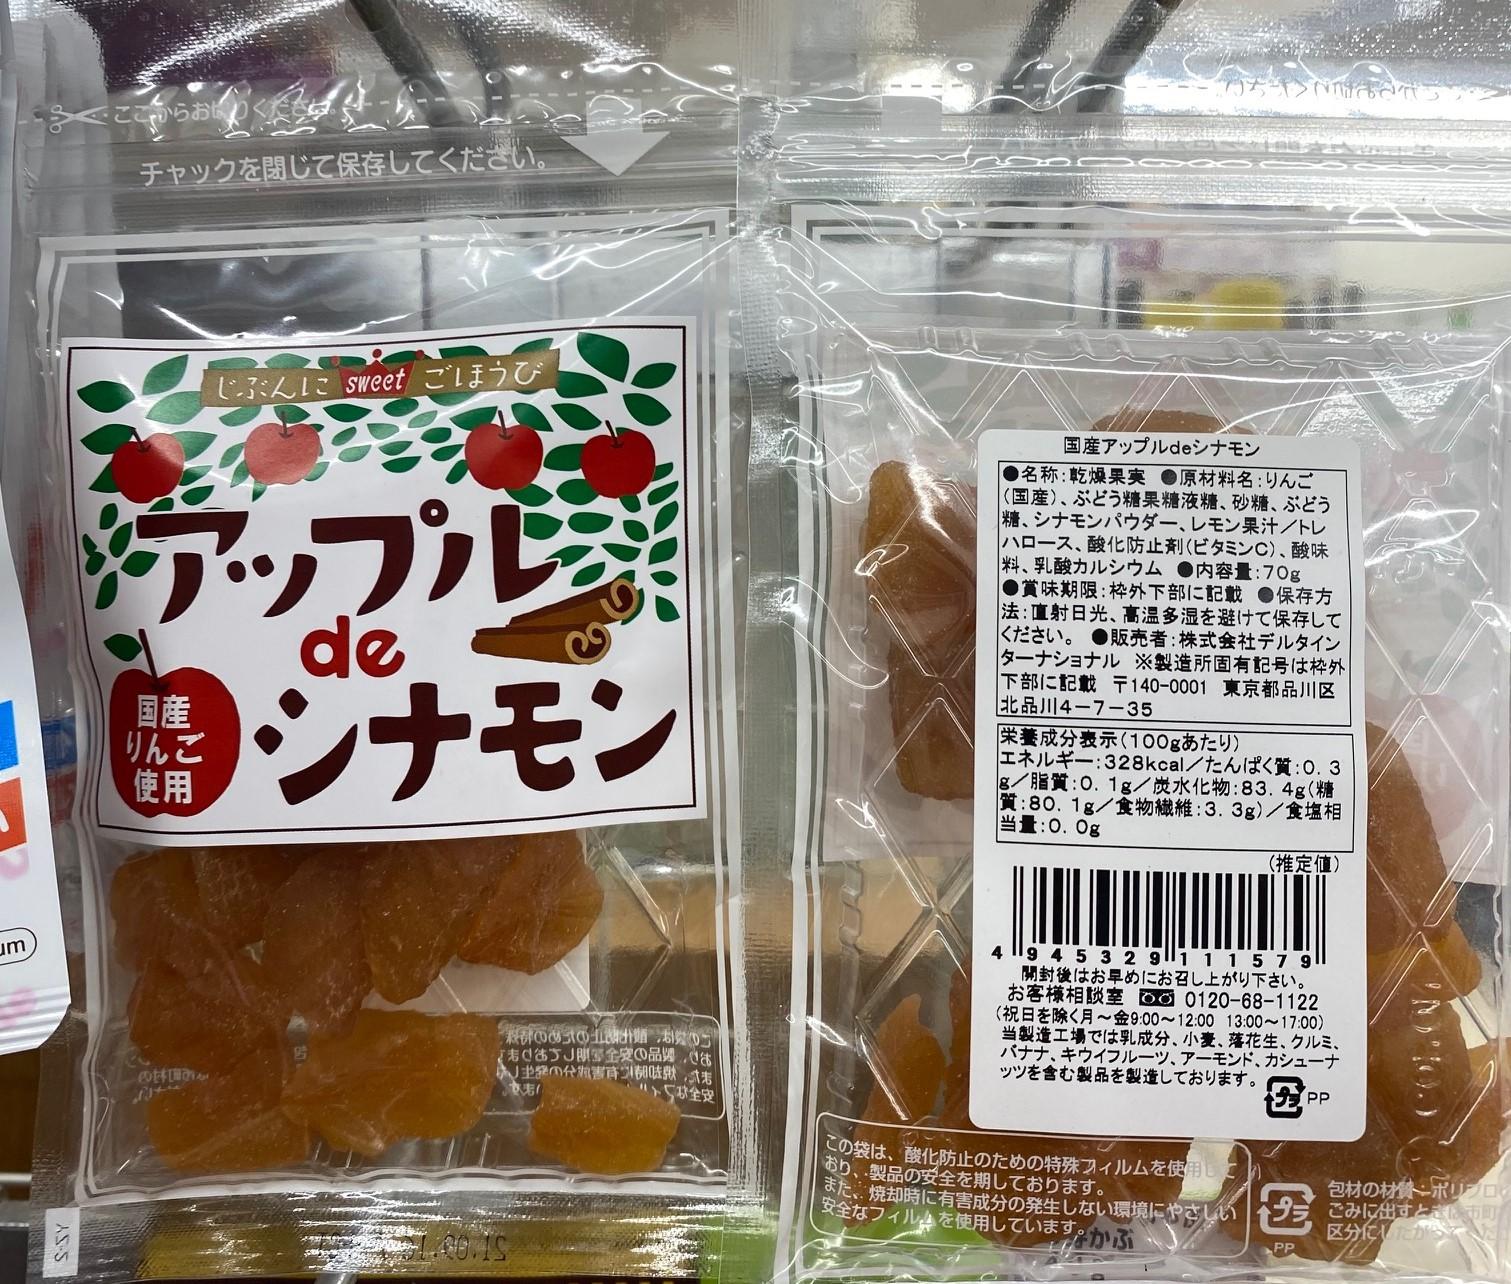 Apple de Cinnamon